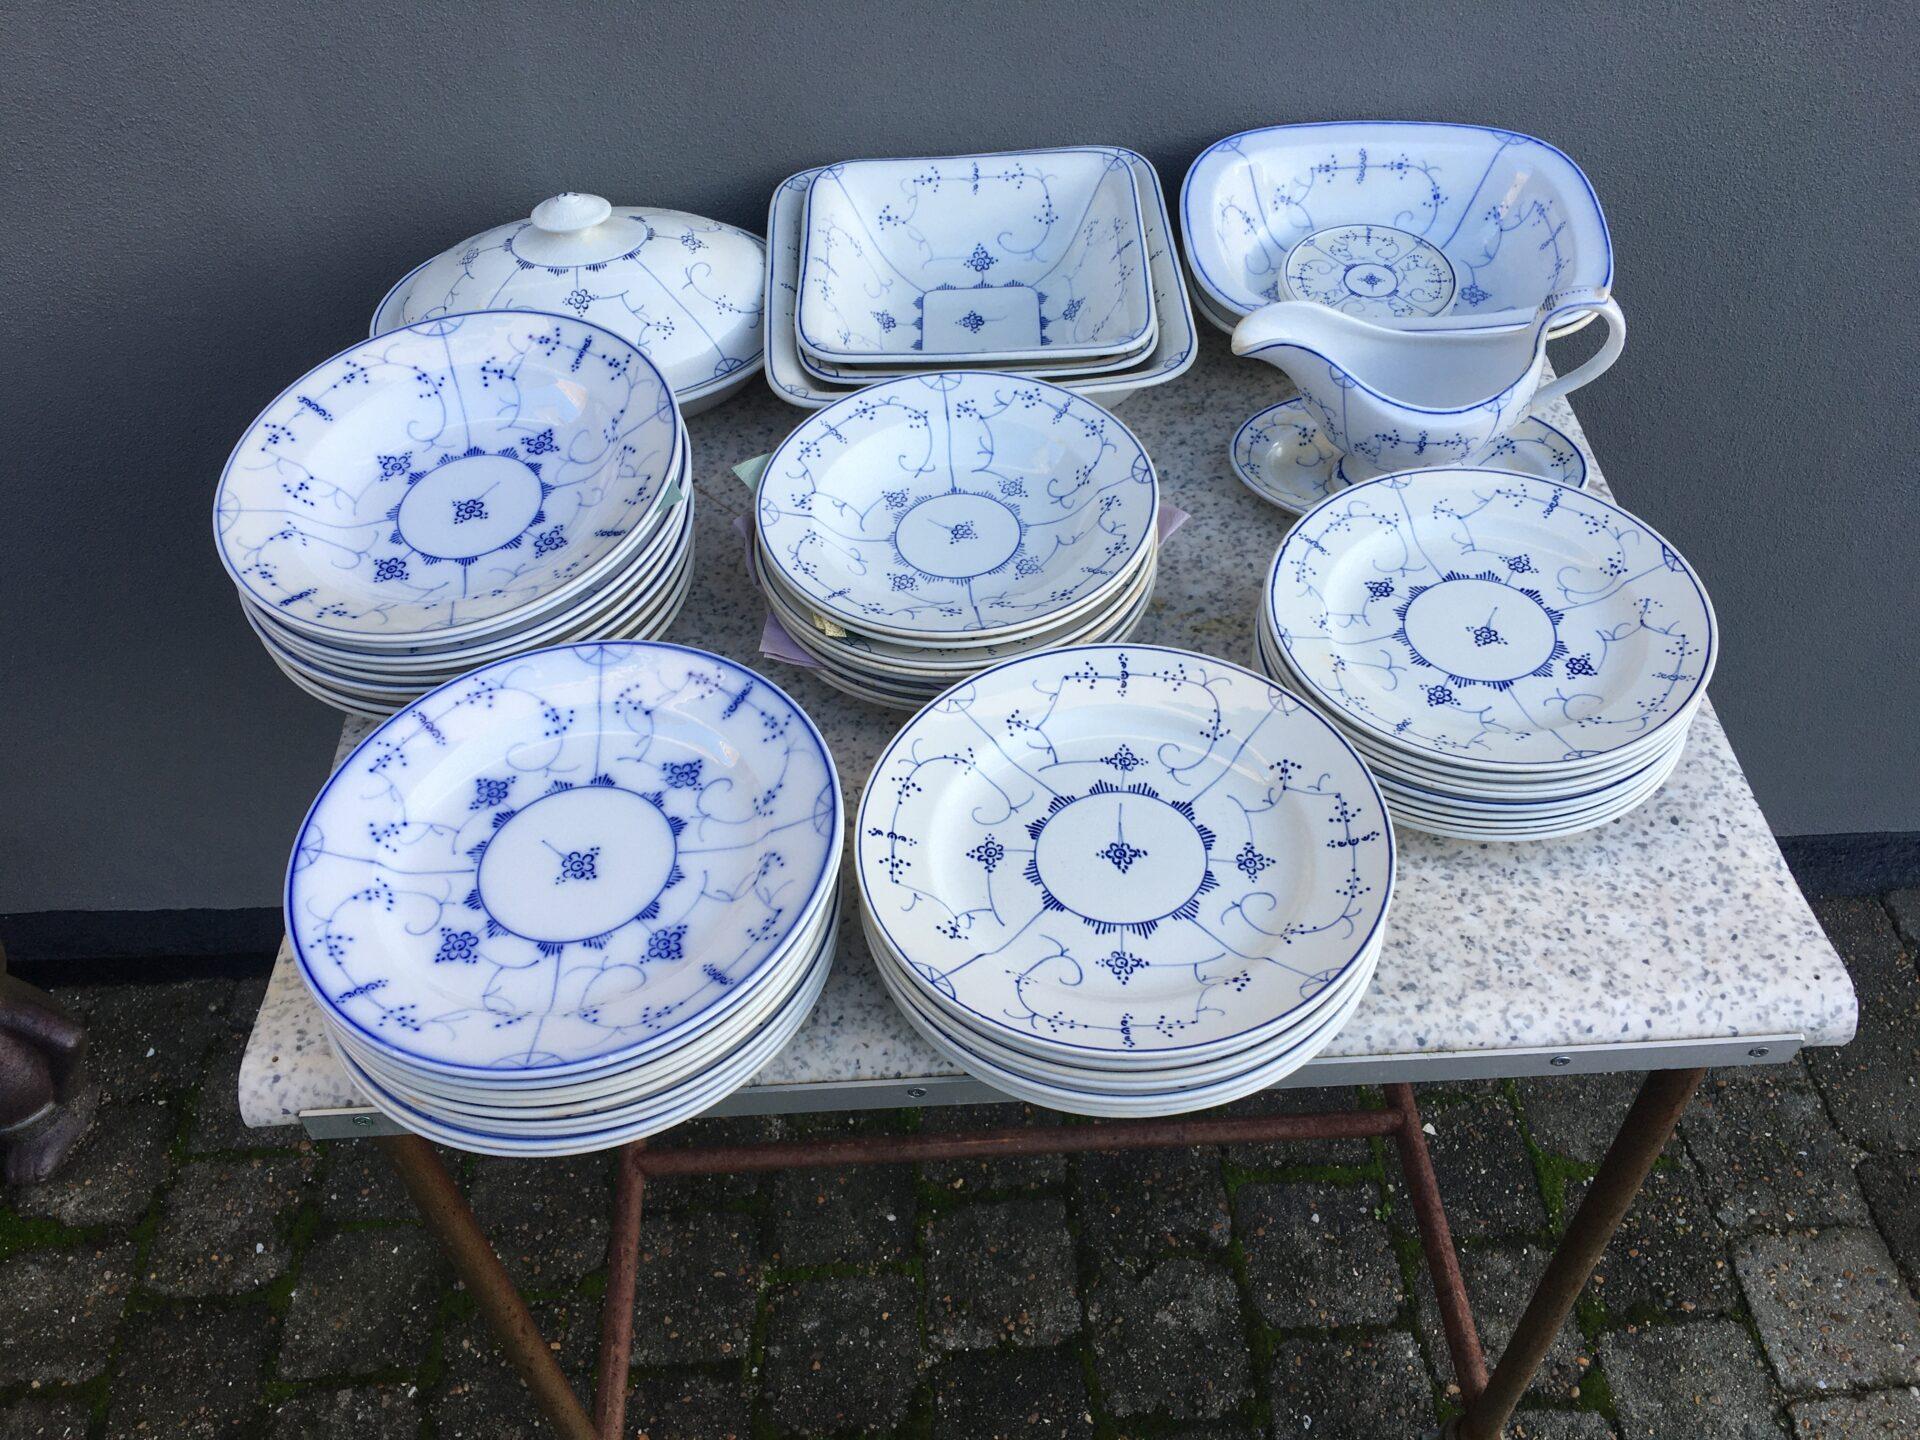 Willeroy & Boch, Dredsen, tallerkner, alle størrelser pr. stk 50 kr